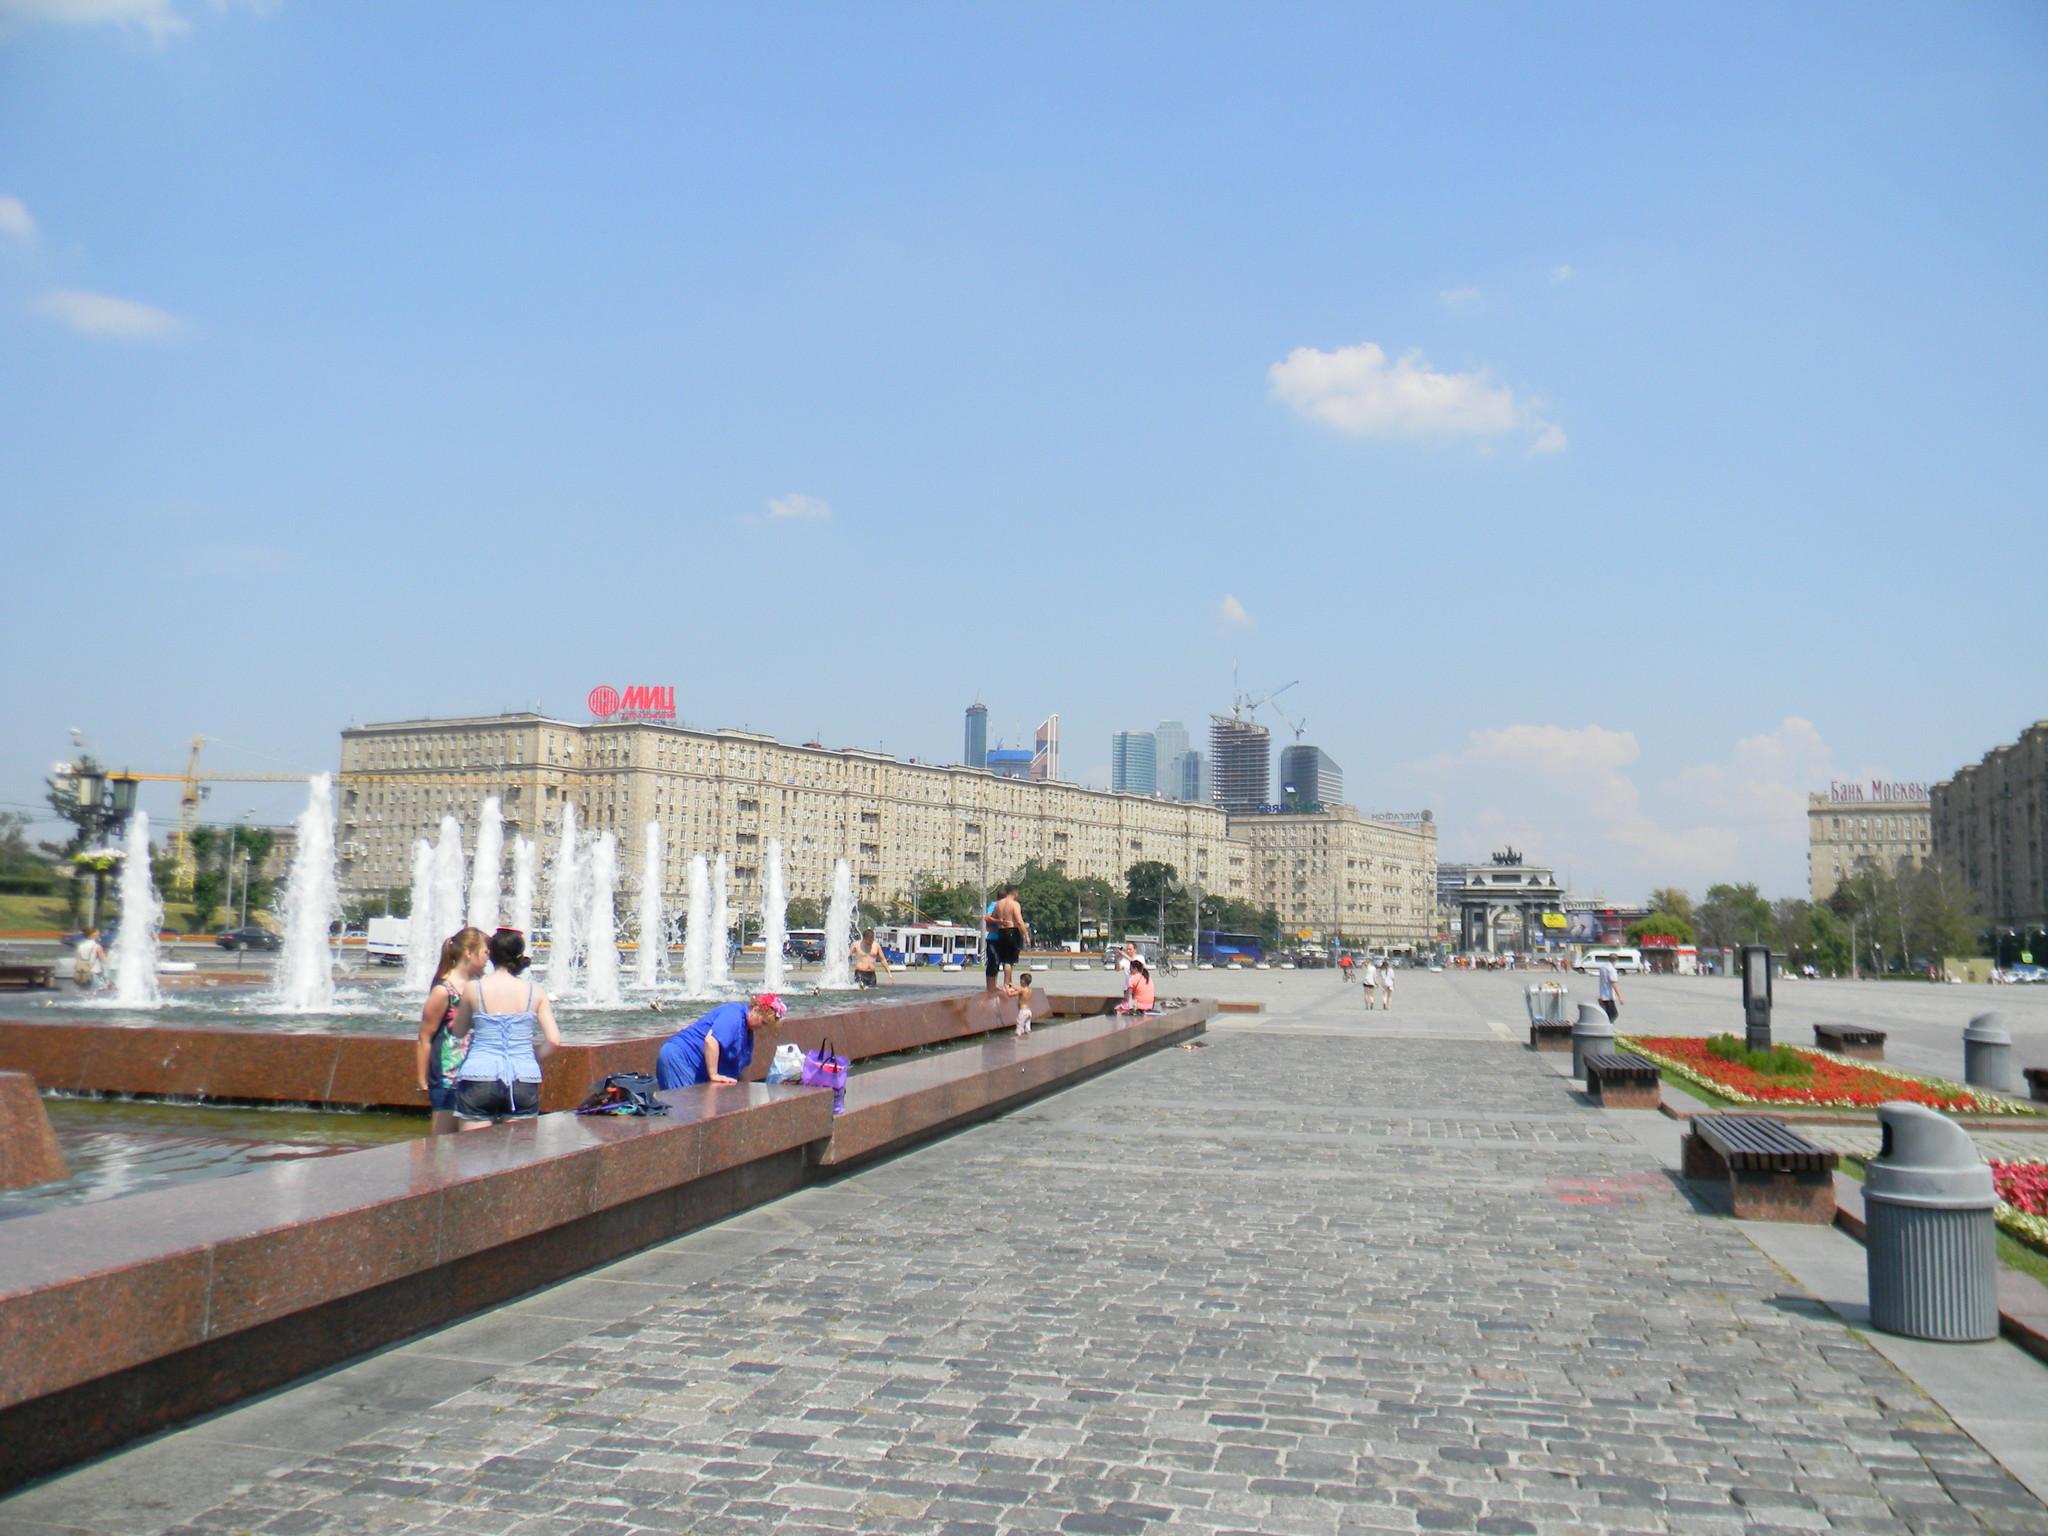 Фонтанный комплекс «Годы войны» на Поклонной горе в Парке Победы